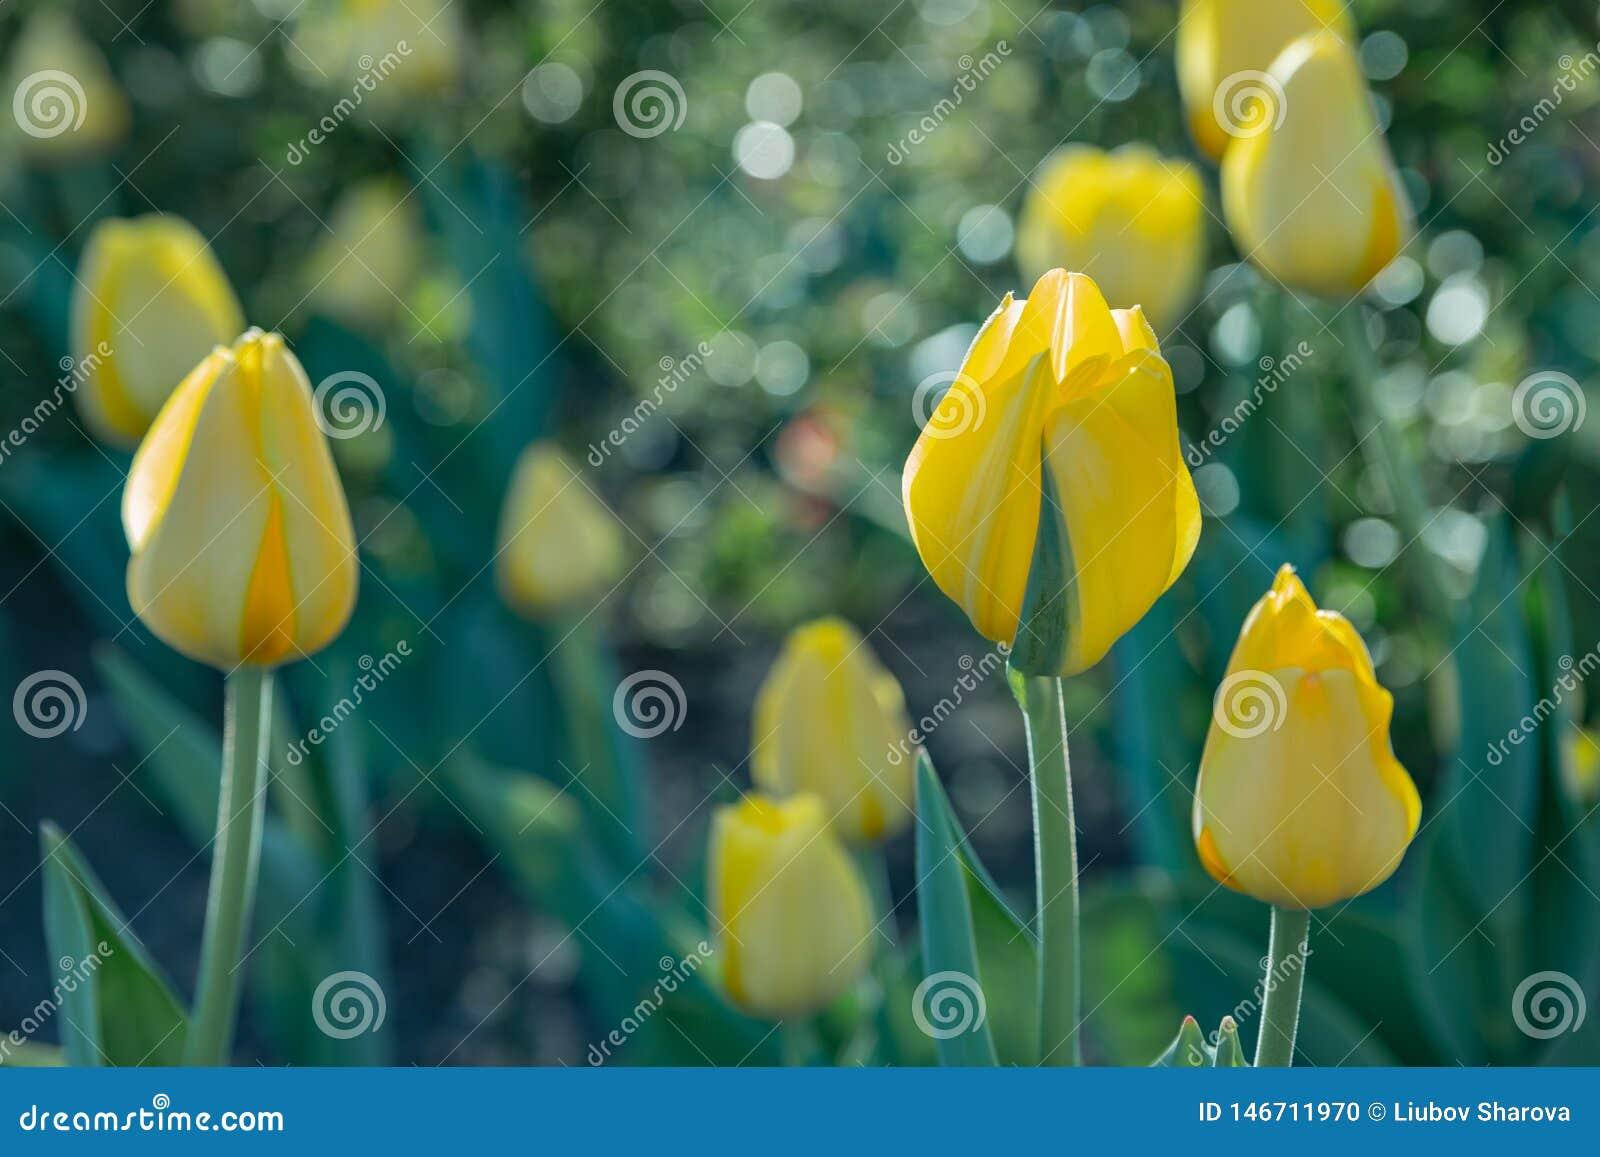 Κίτρινες τουλίπες στο πράσινο θολωμένο υπόβαθρο